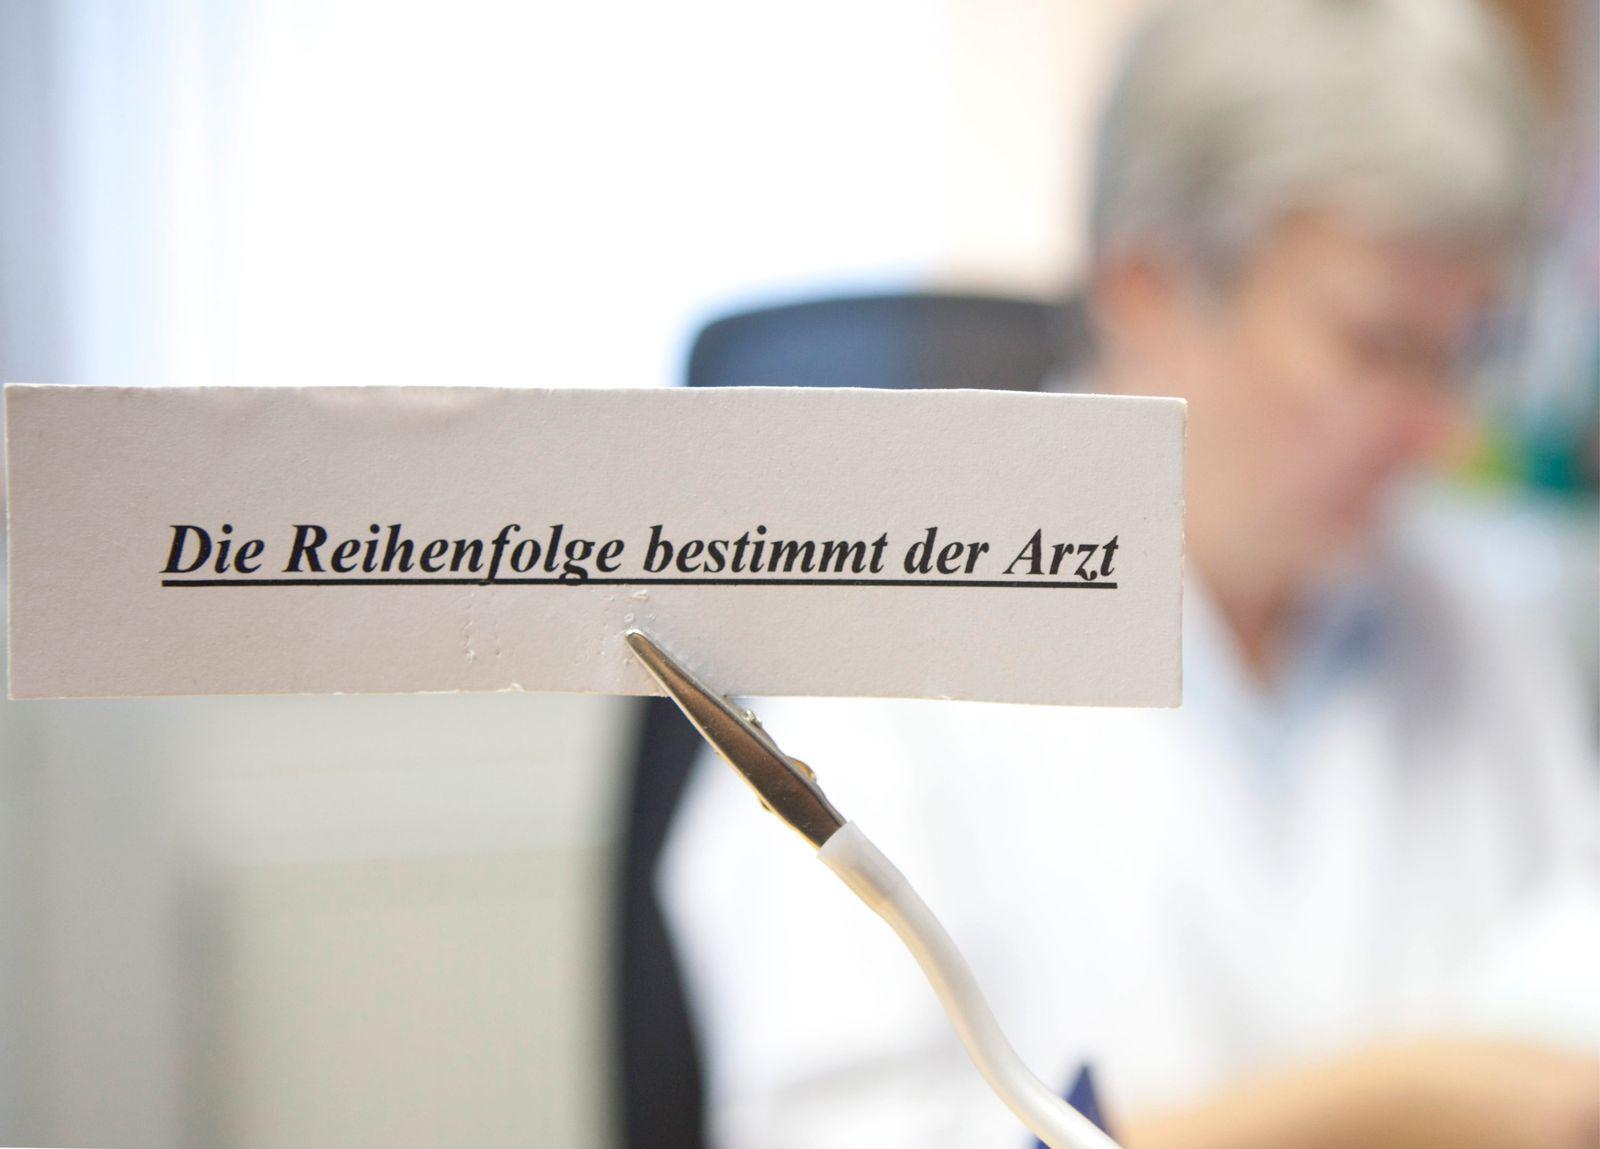 Augenarzt wehrt sich gegen Zwangszuweisung von Patienten